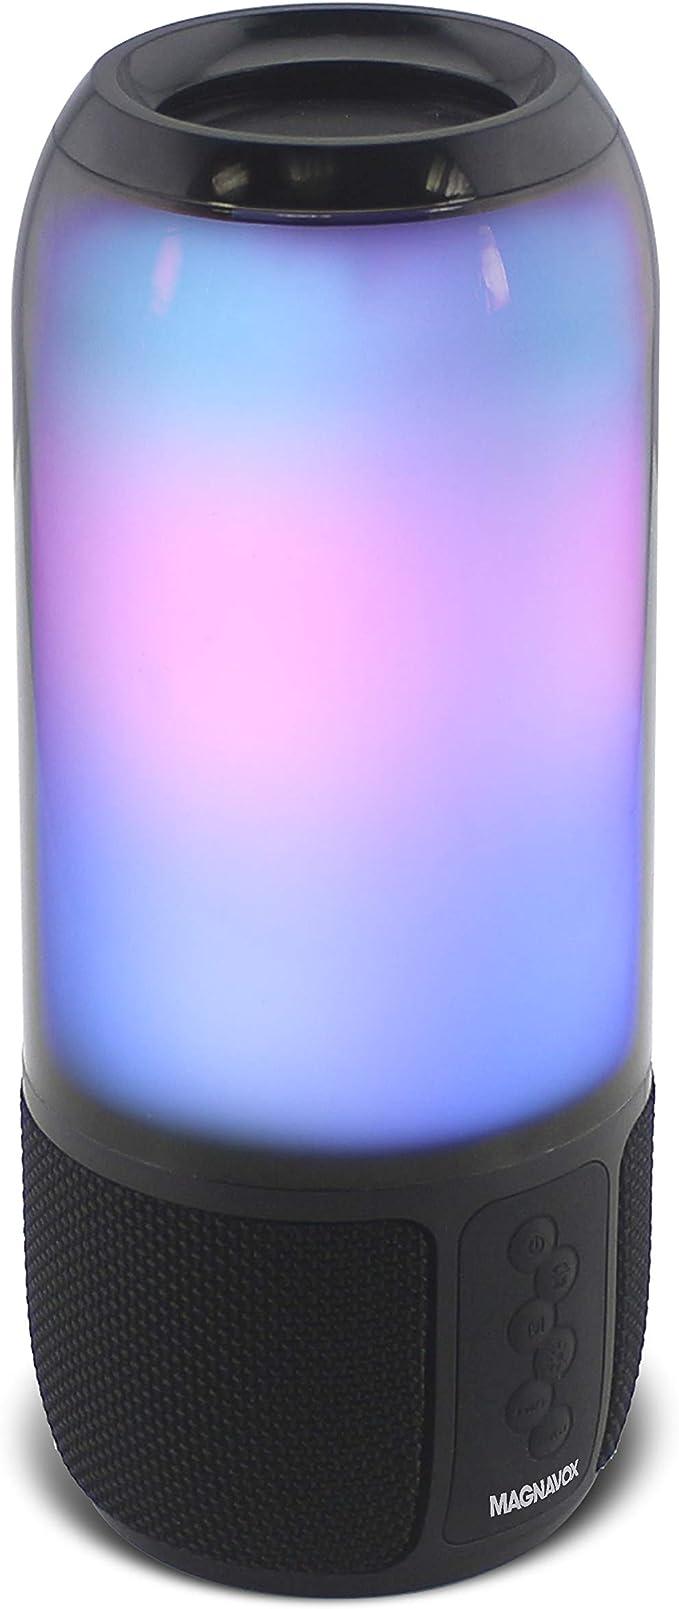 Craig Electronics Magnavox: Altavoz portátil estéreo con Luces Que cambian de Color y tecnología inalámbrica Bluetooth: Amazon.es: Electrónica